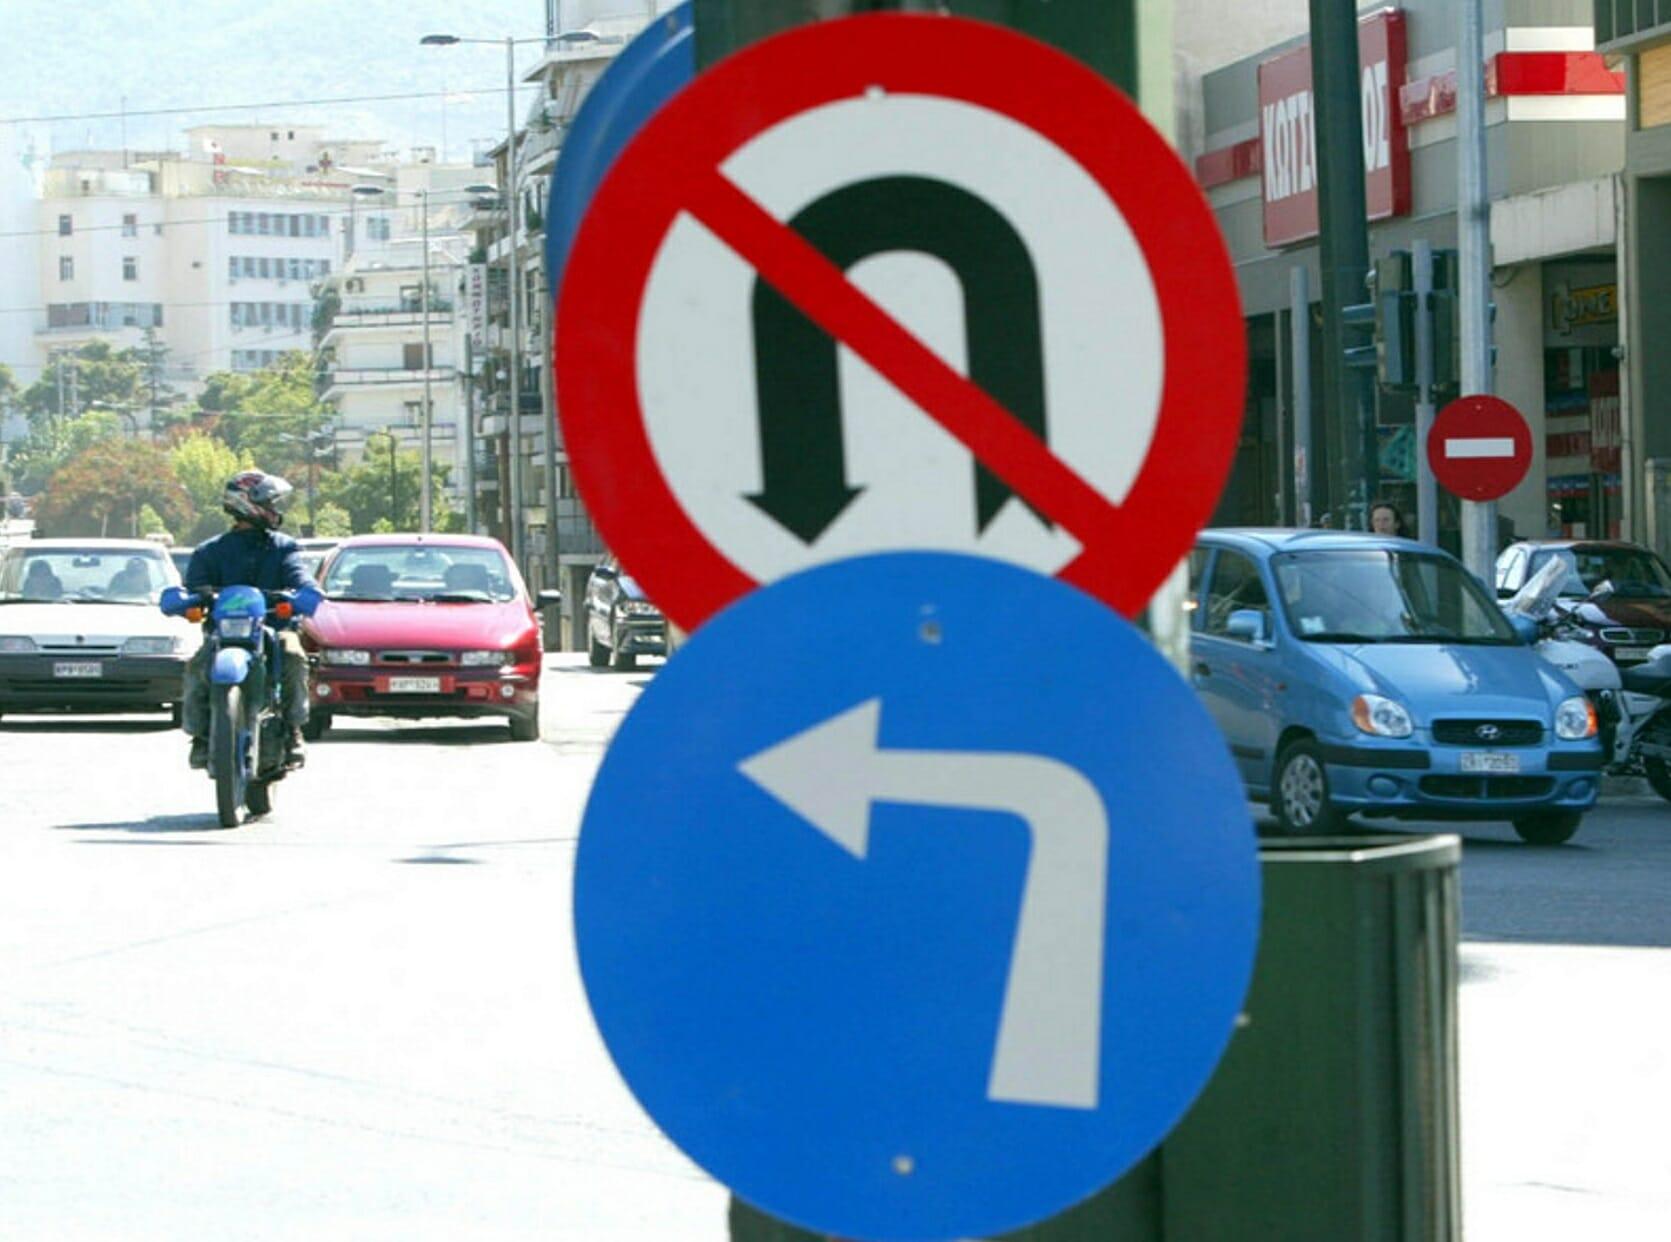 Κυκλοφοριακές ρυθμίσεις στον αυτοκινητόδρομο Αθηνών – Θεσσαλονίκης – Ευζώνων